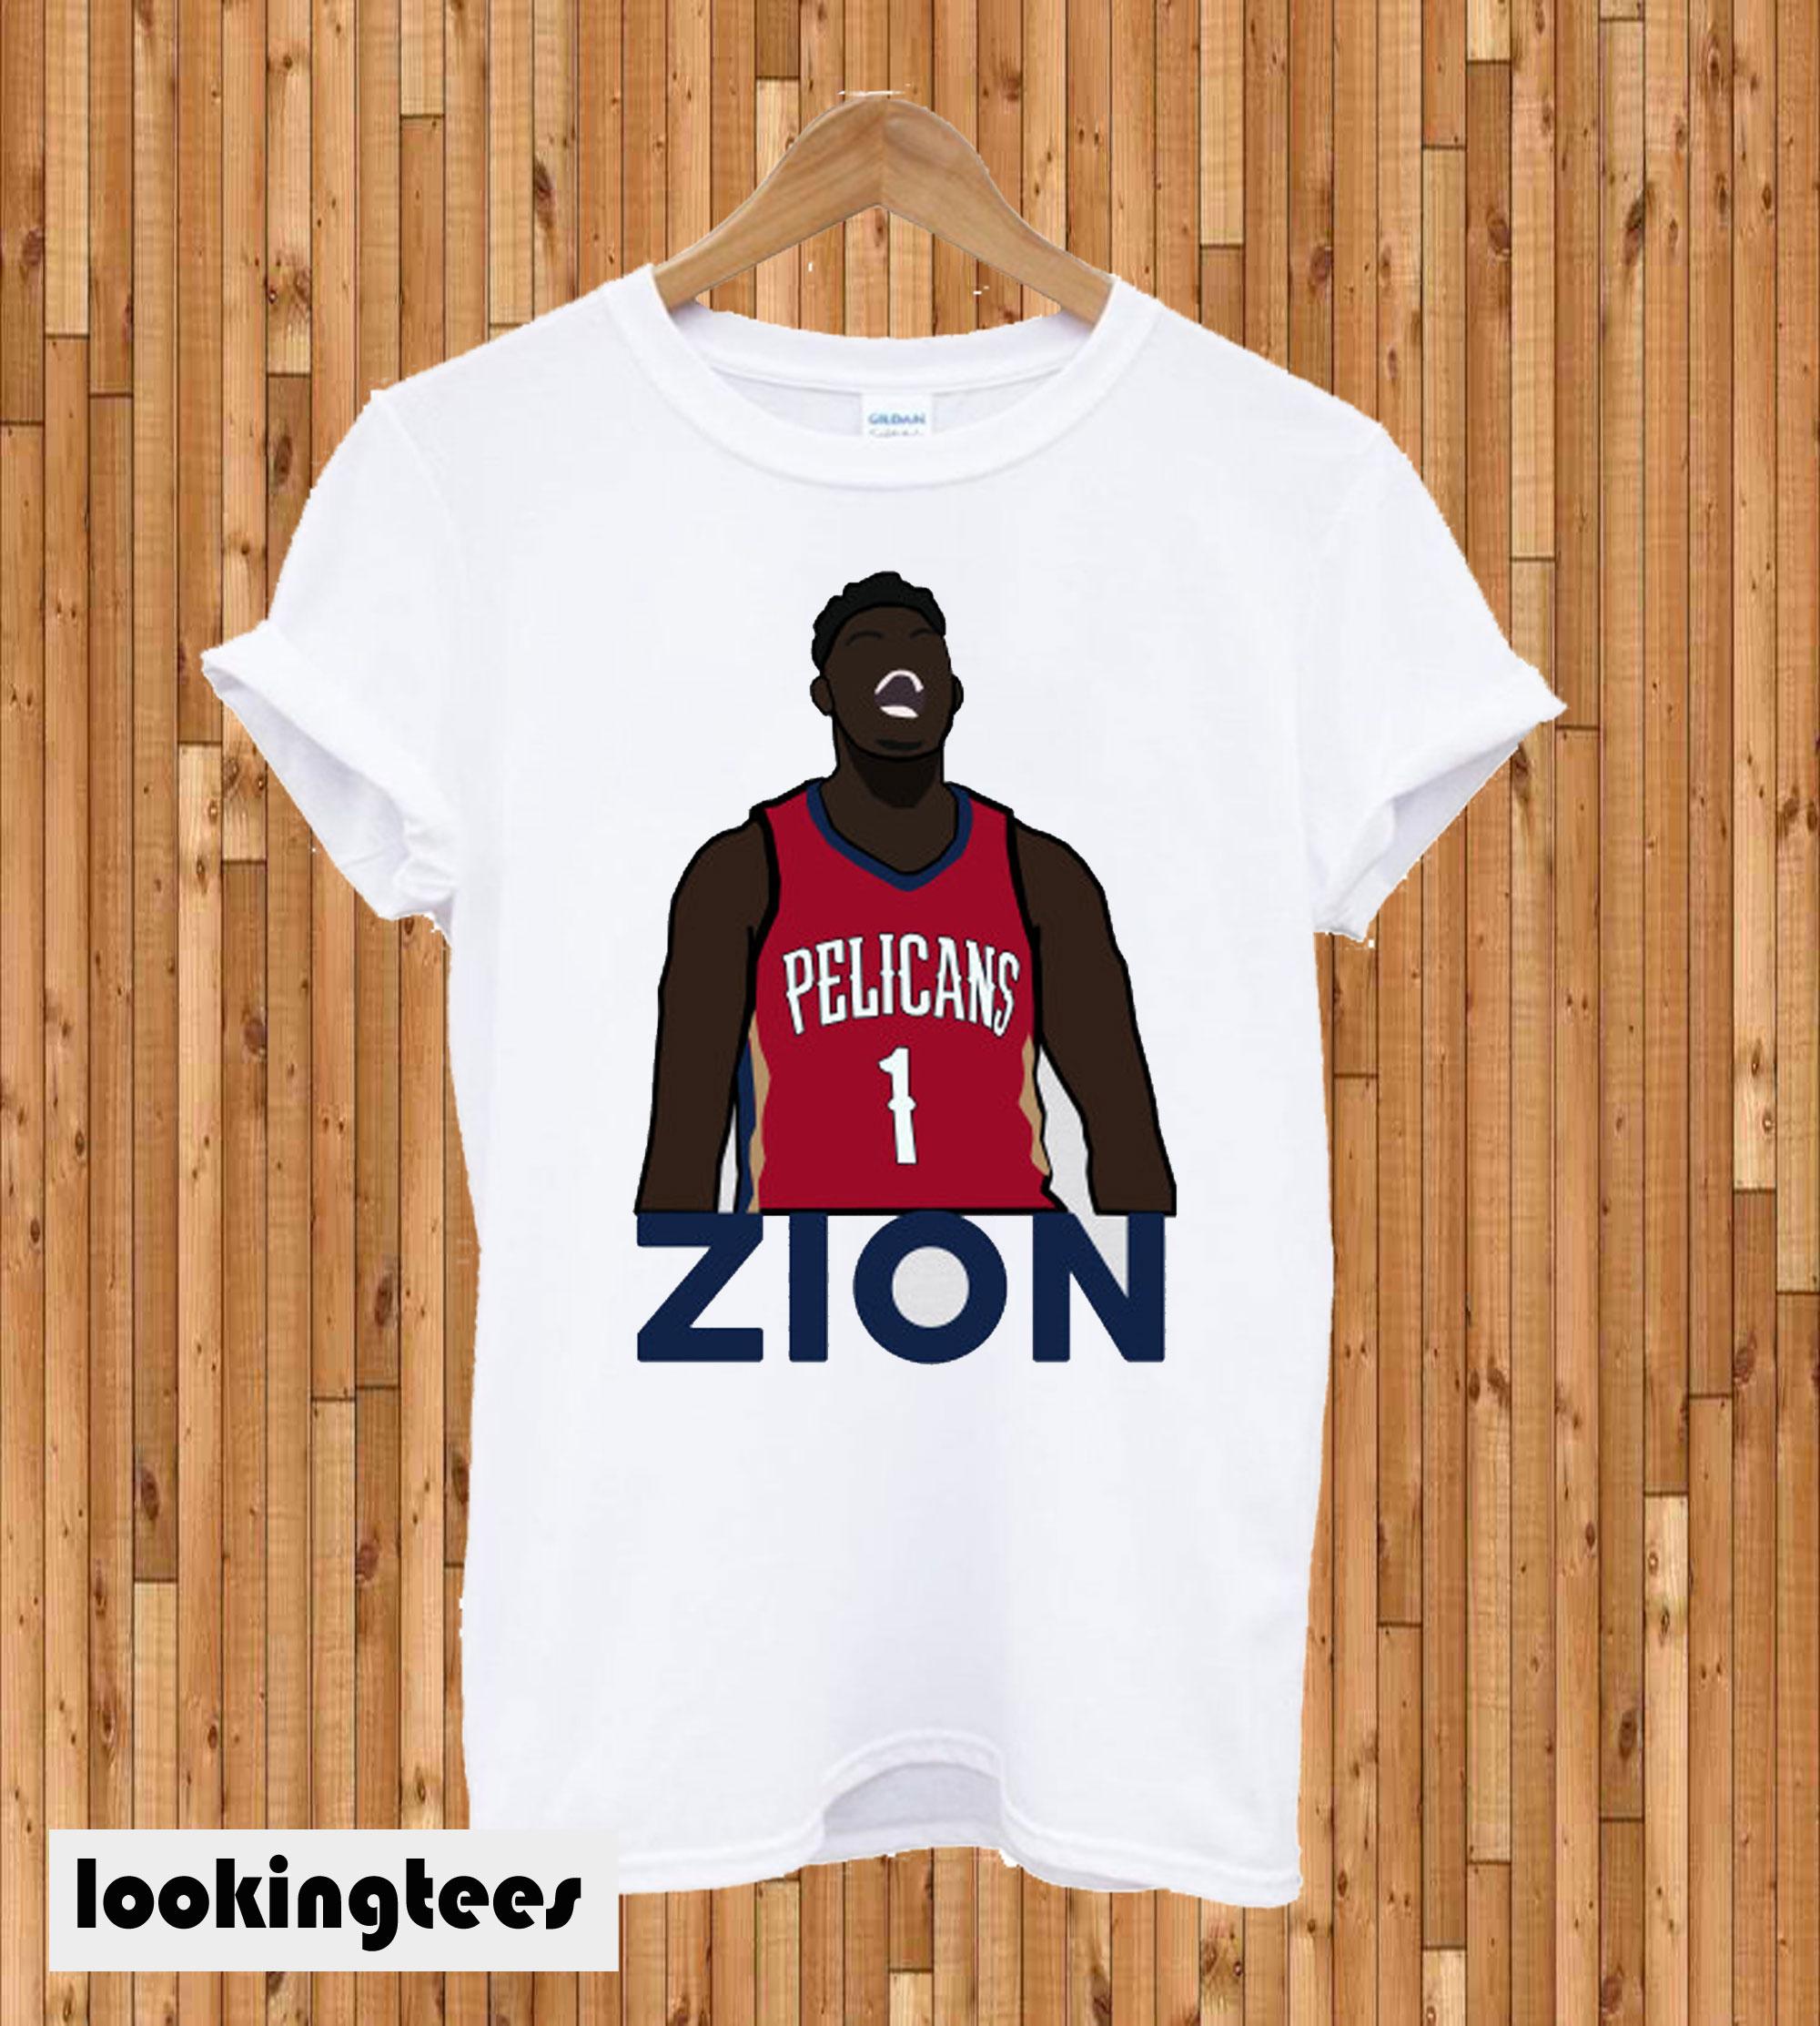 Zion Pelicans T-shirt